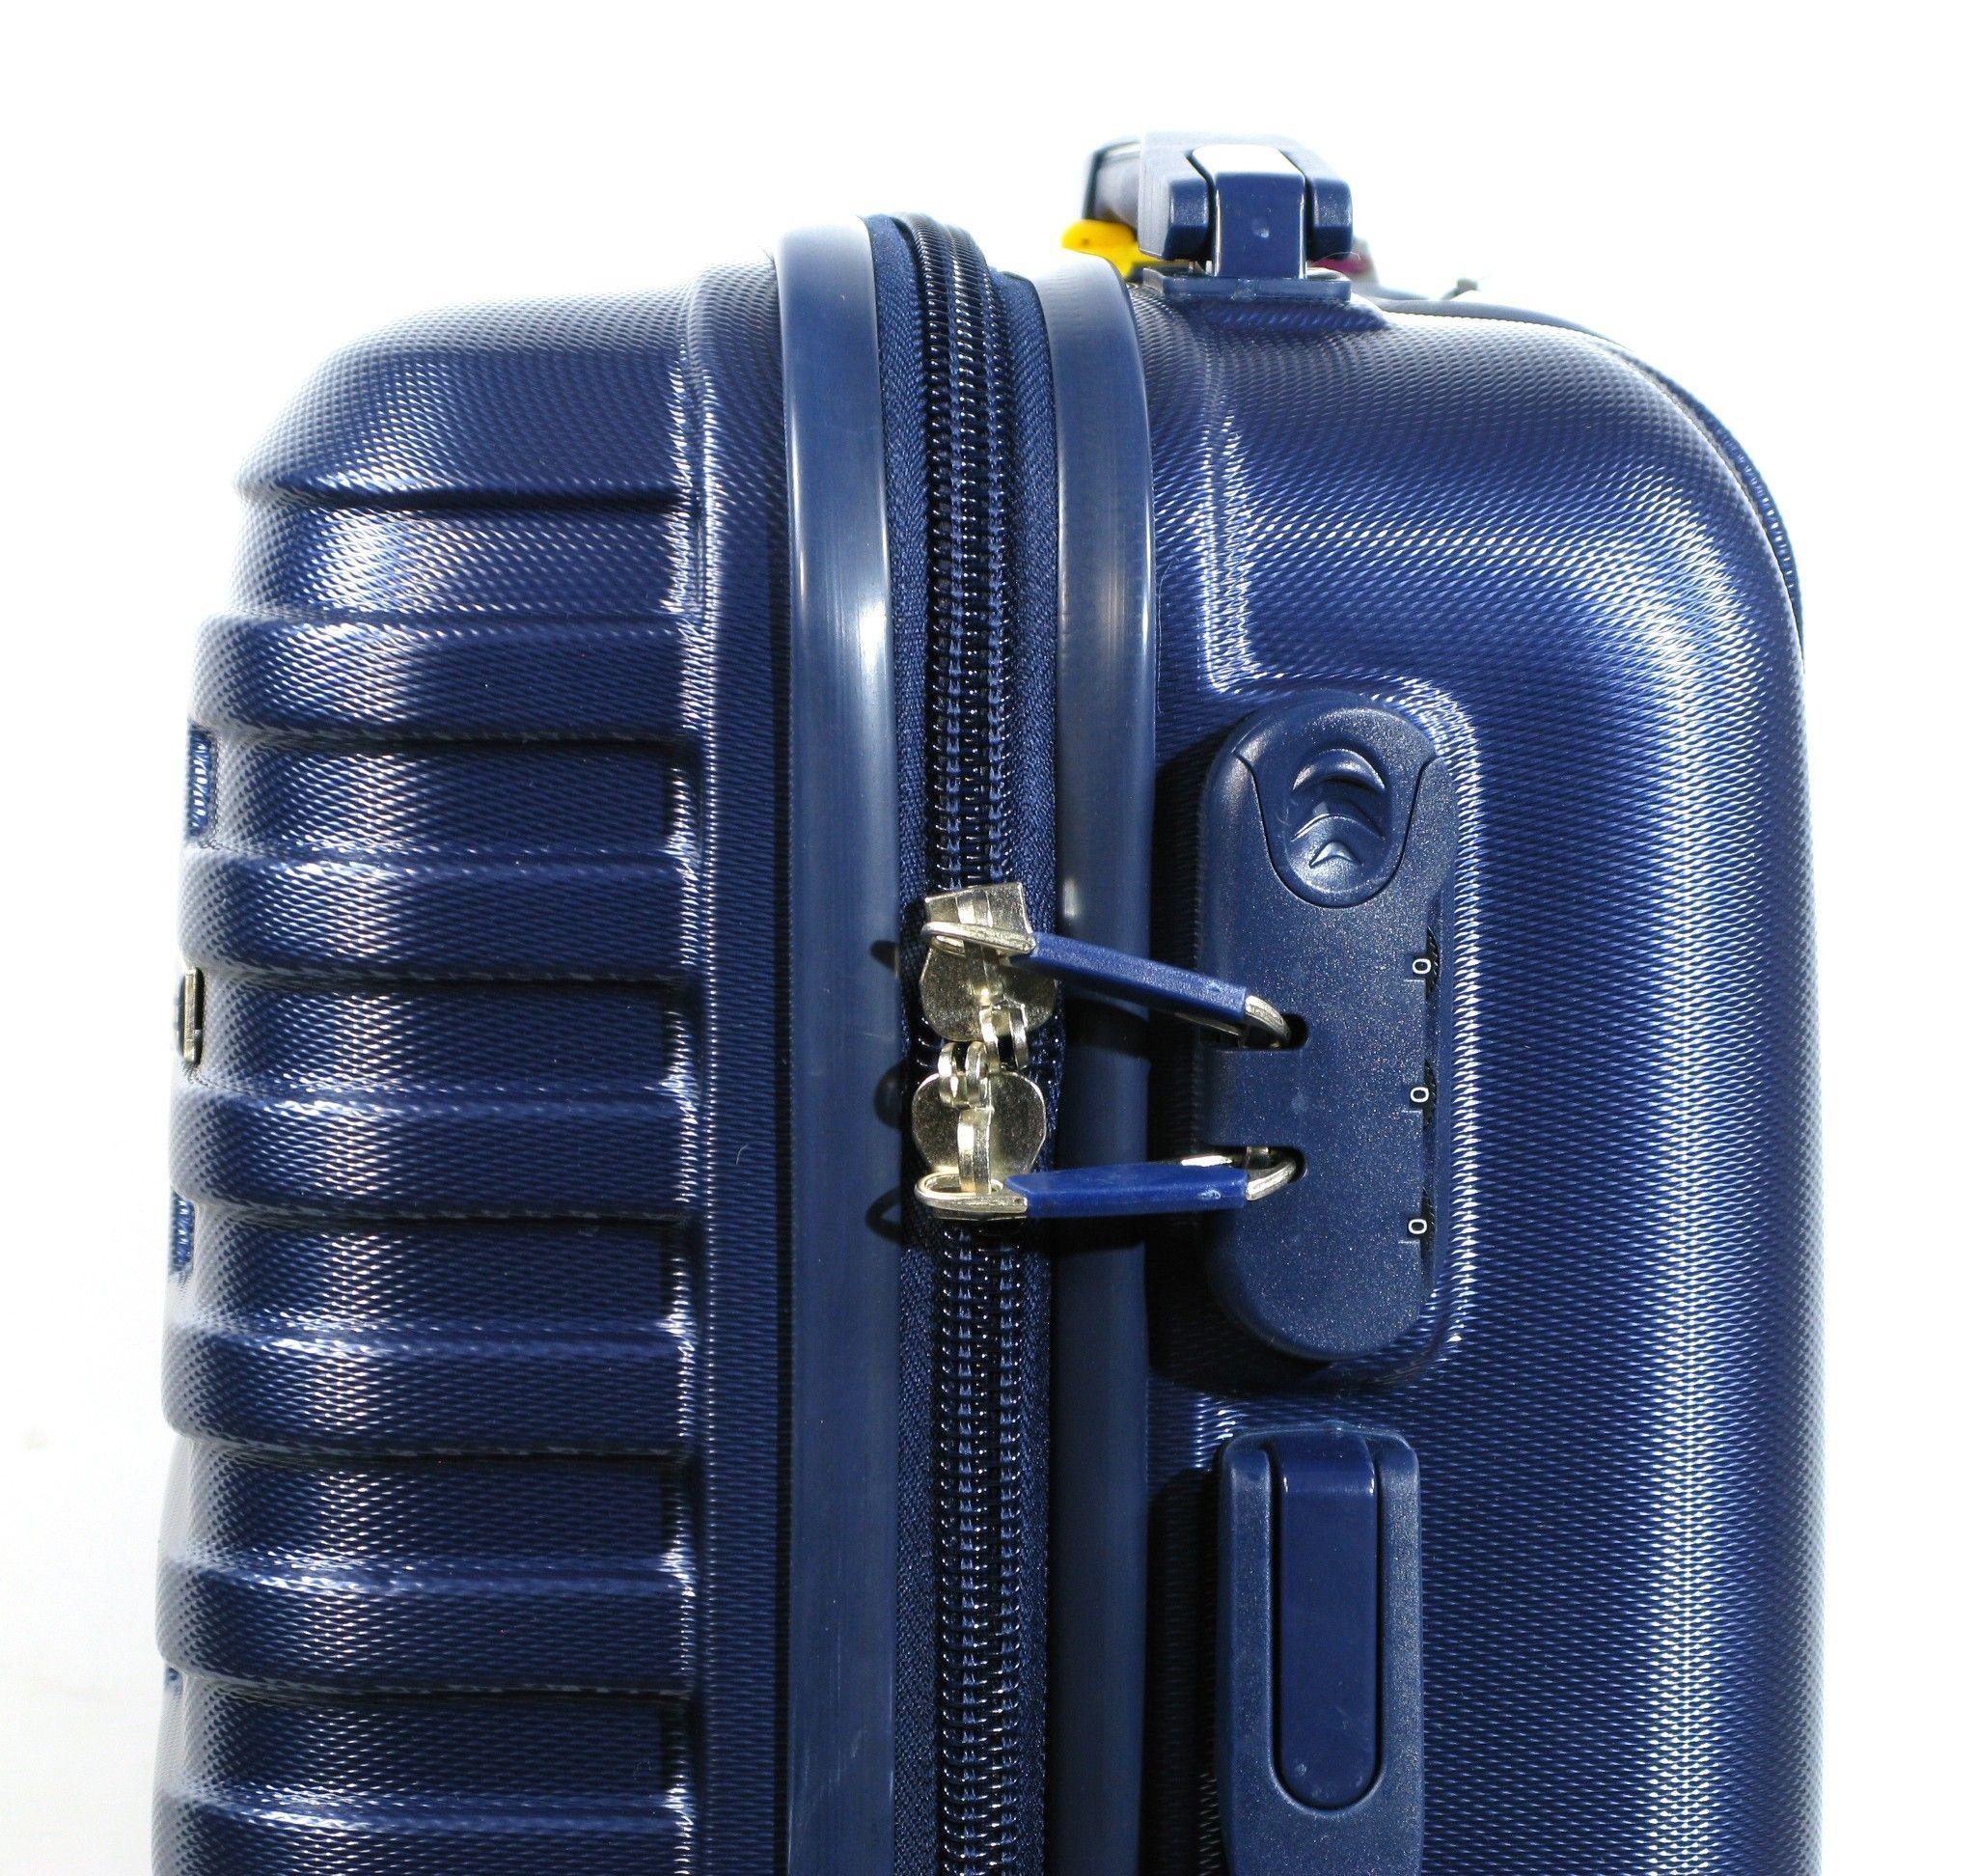 bd67c9c0f783a Mała walizka POLIWĘGLAN ORMI granatowa kabinowa   Akcesoria skórzane ...